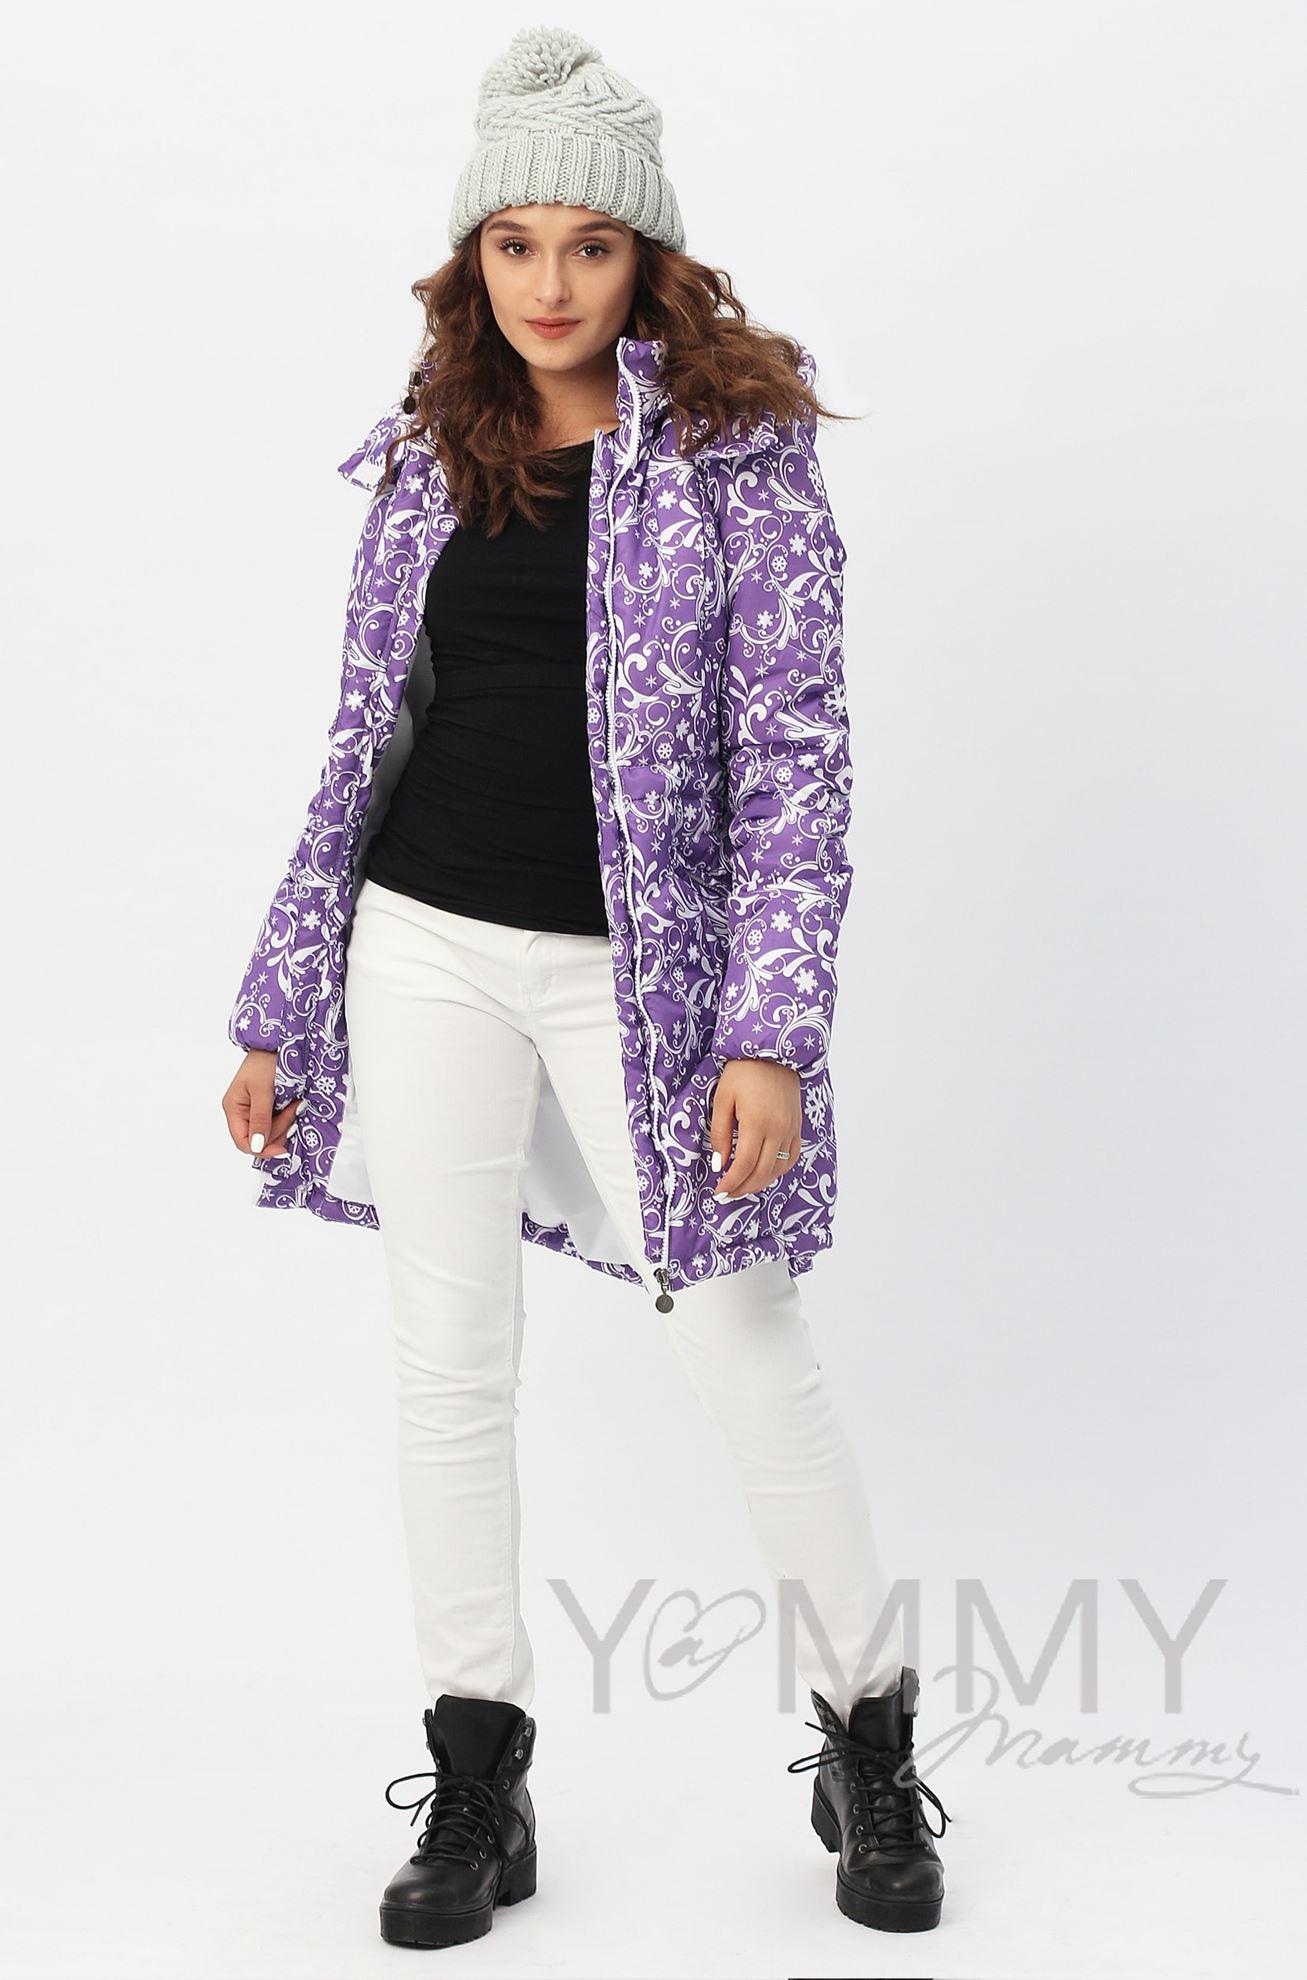 Изображение                               Слингокуртка 3 в 1 фиолетовая с белым узором